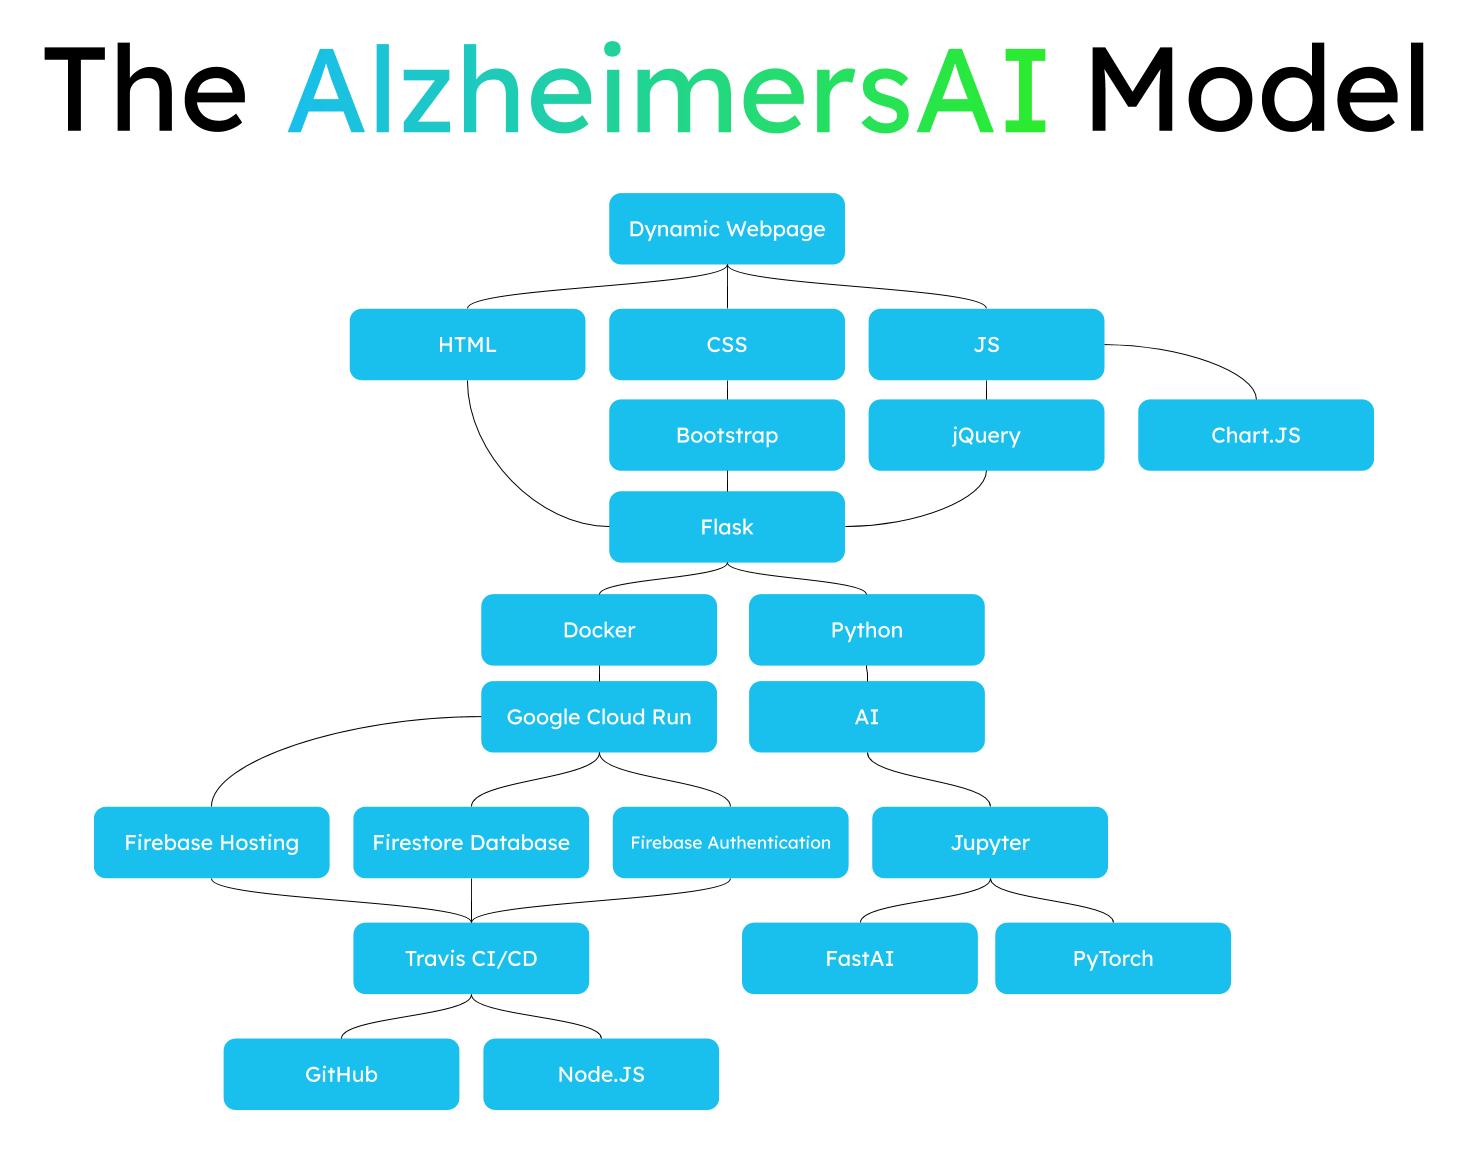 AlzheimersAI